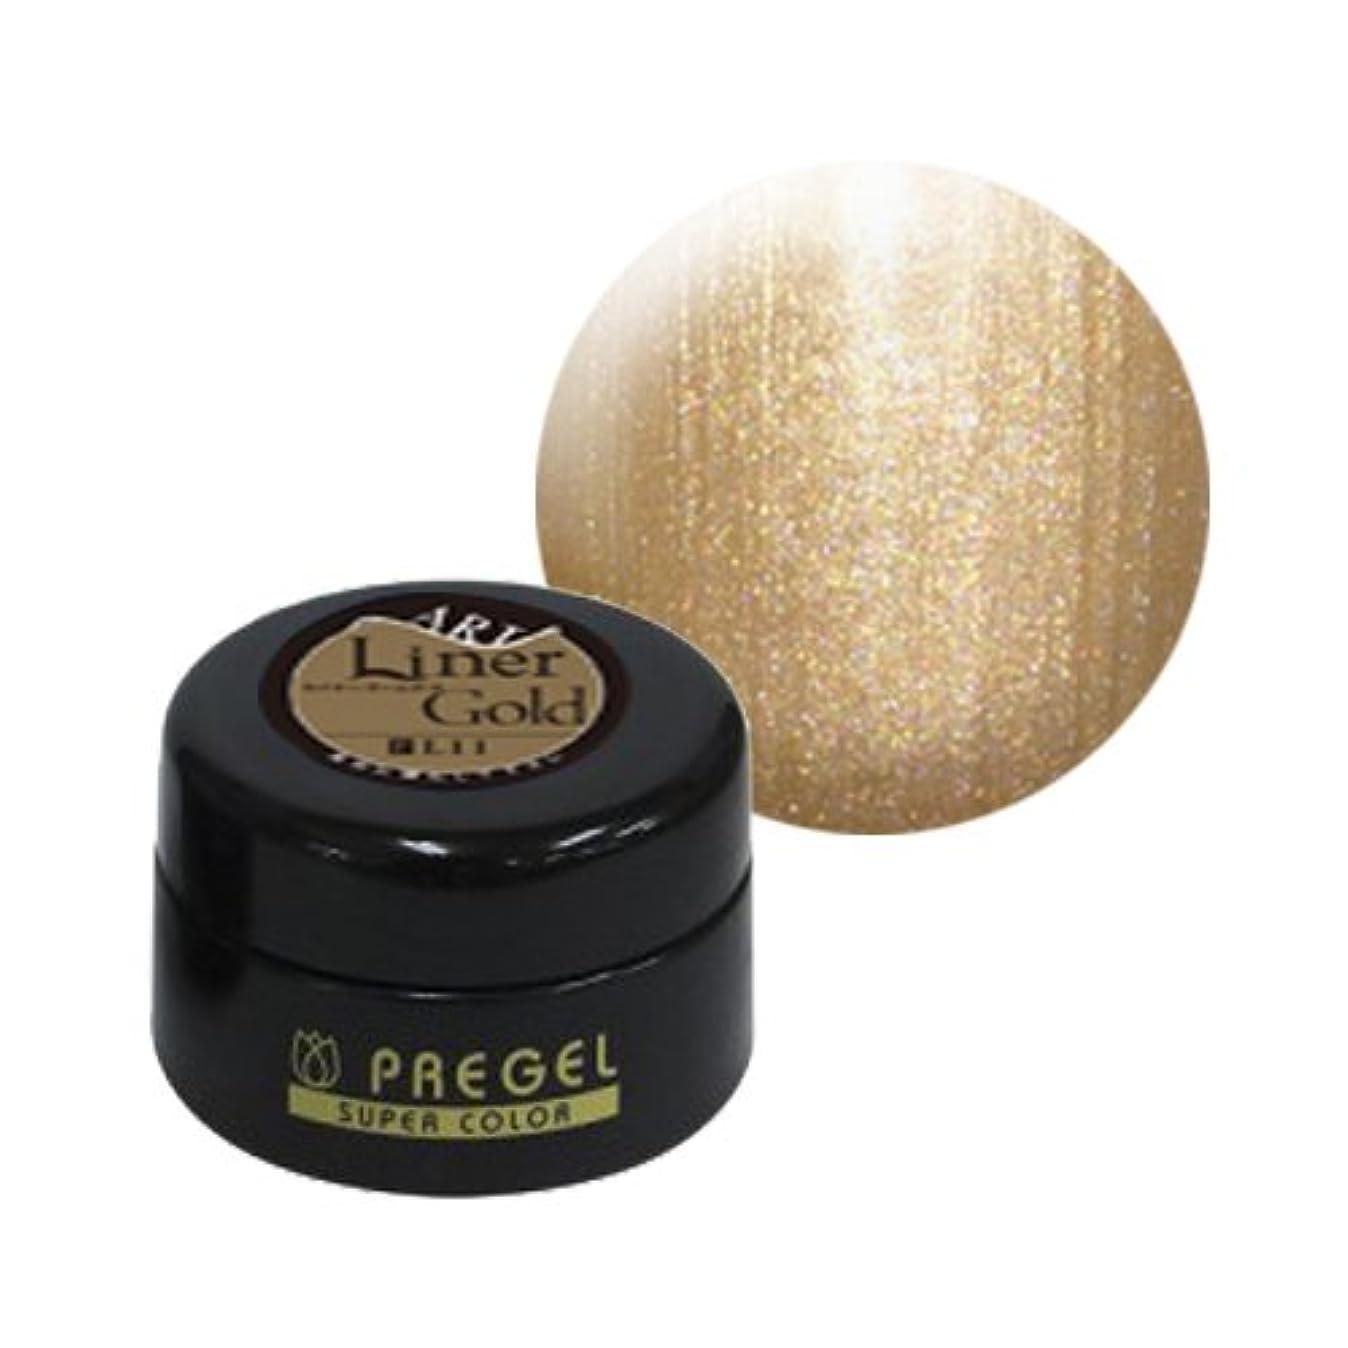 検出するどうやって人気【PREGEL】スーパーカラーEx ライナーゴールド-P / L11 【UV&LED】プリジェル カラージェル ジェルネイル用品